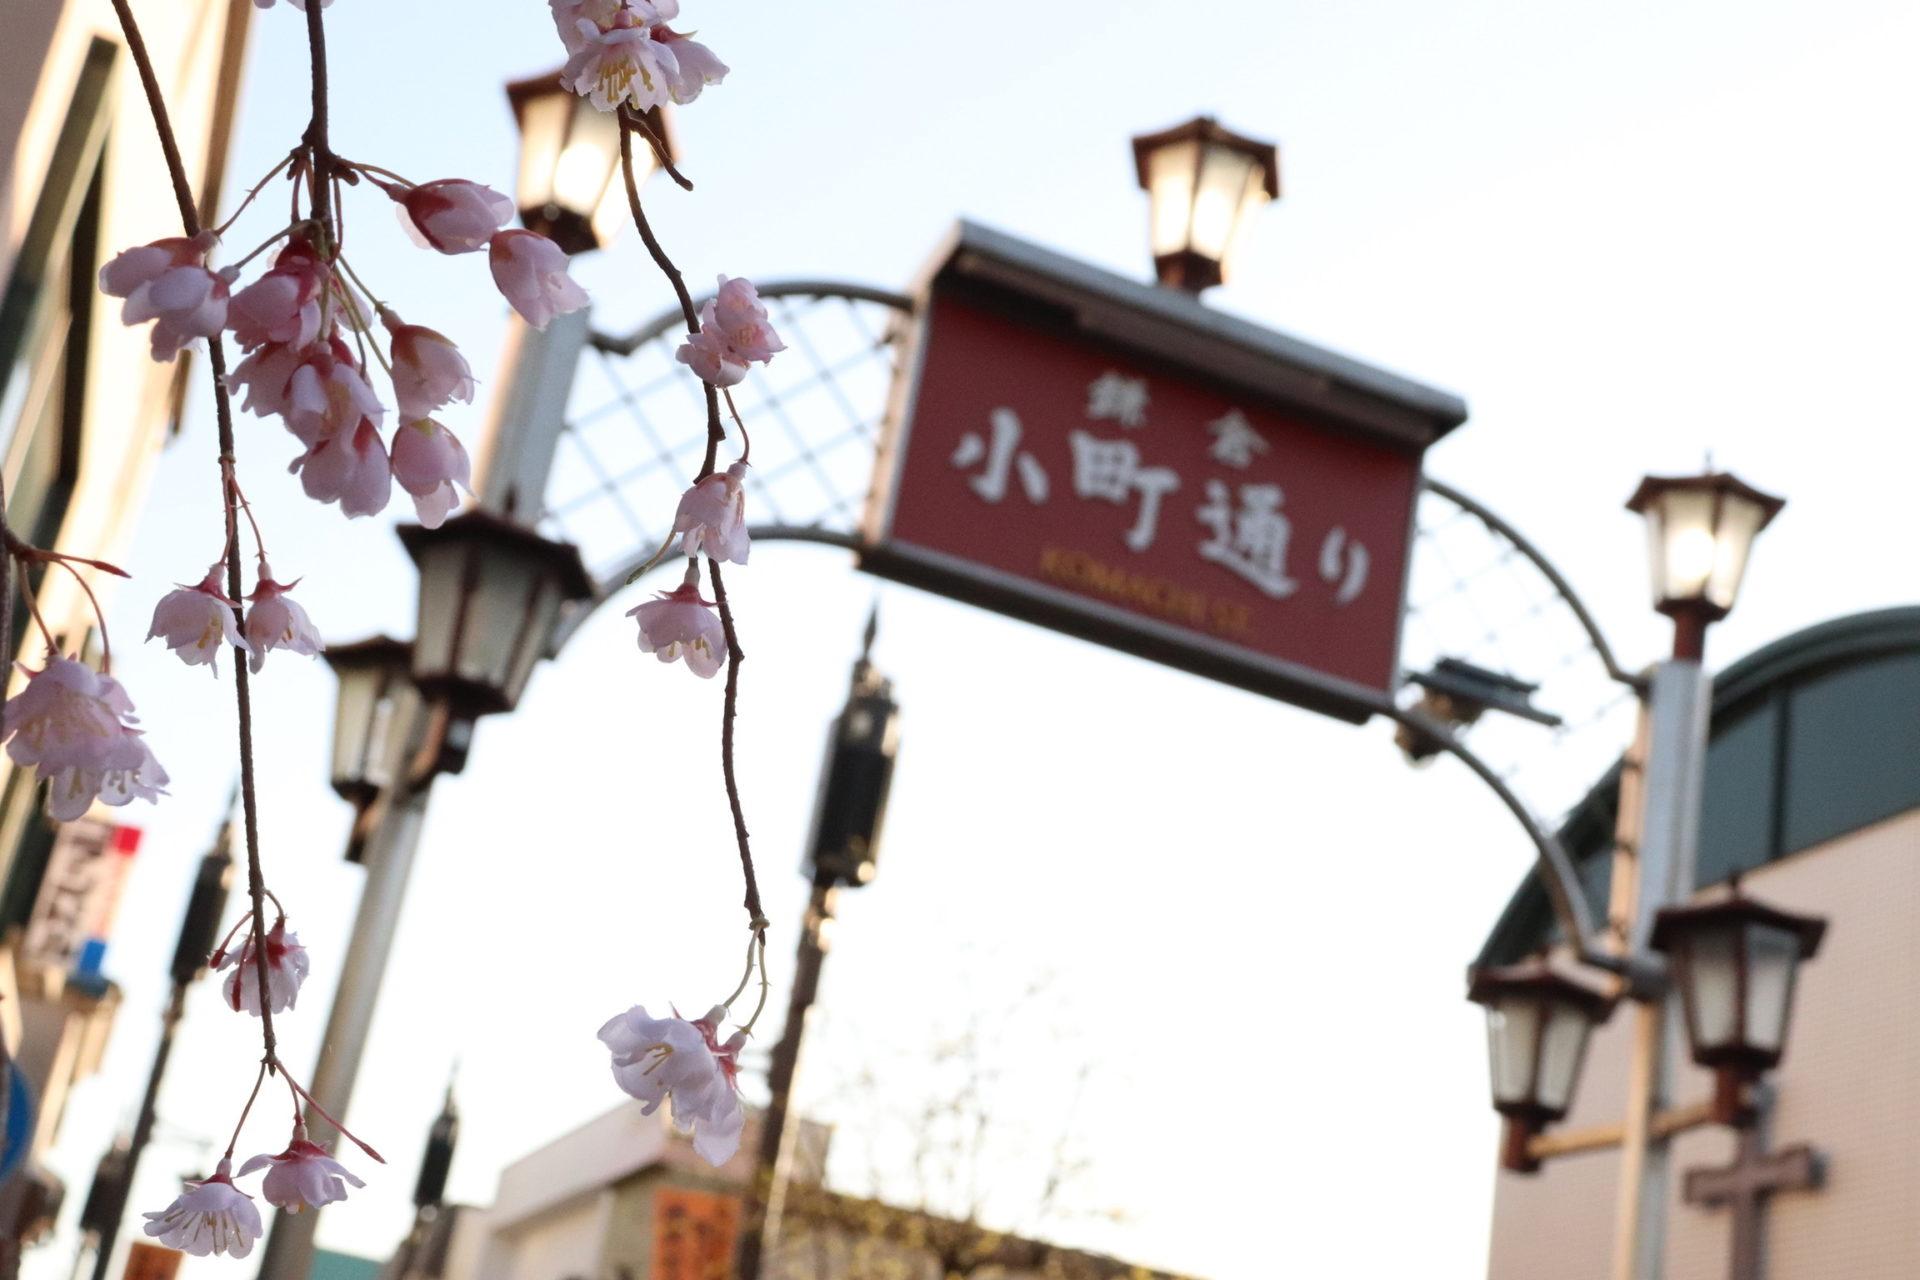 きっと満足!鎌倉小町通りのおすすめグルメ12選〓鎌倉グルメのリコメンド